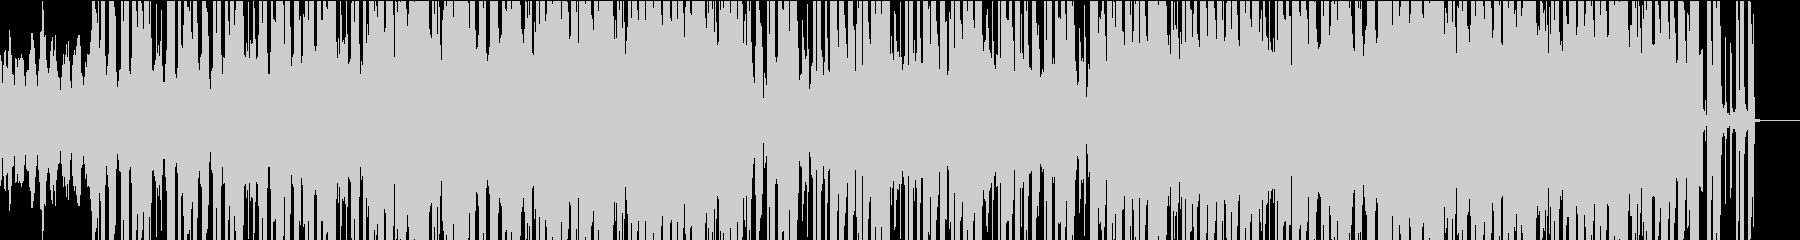 トラップ ヒップホップ レトロ シ...の未再生の波形